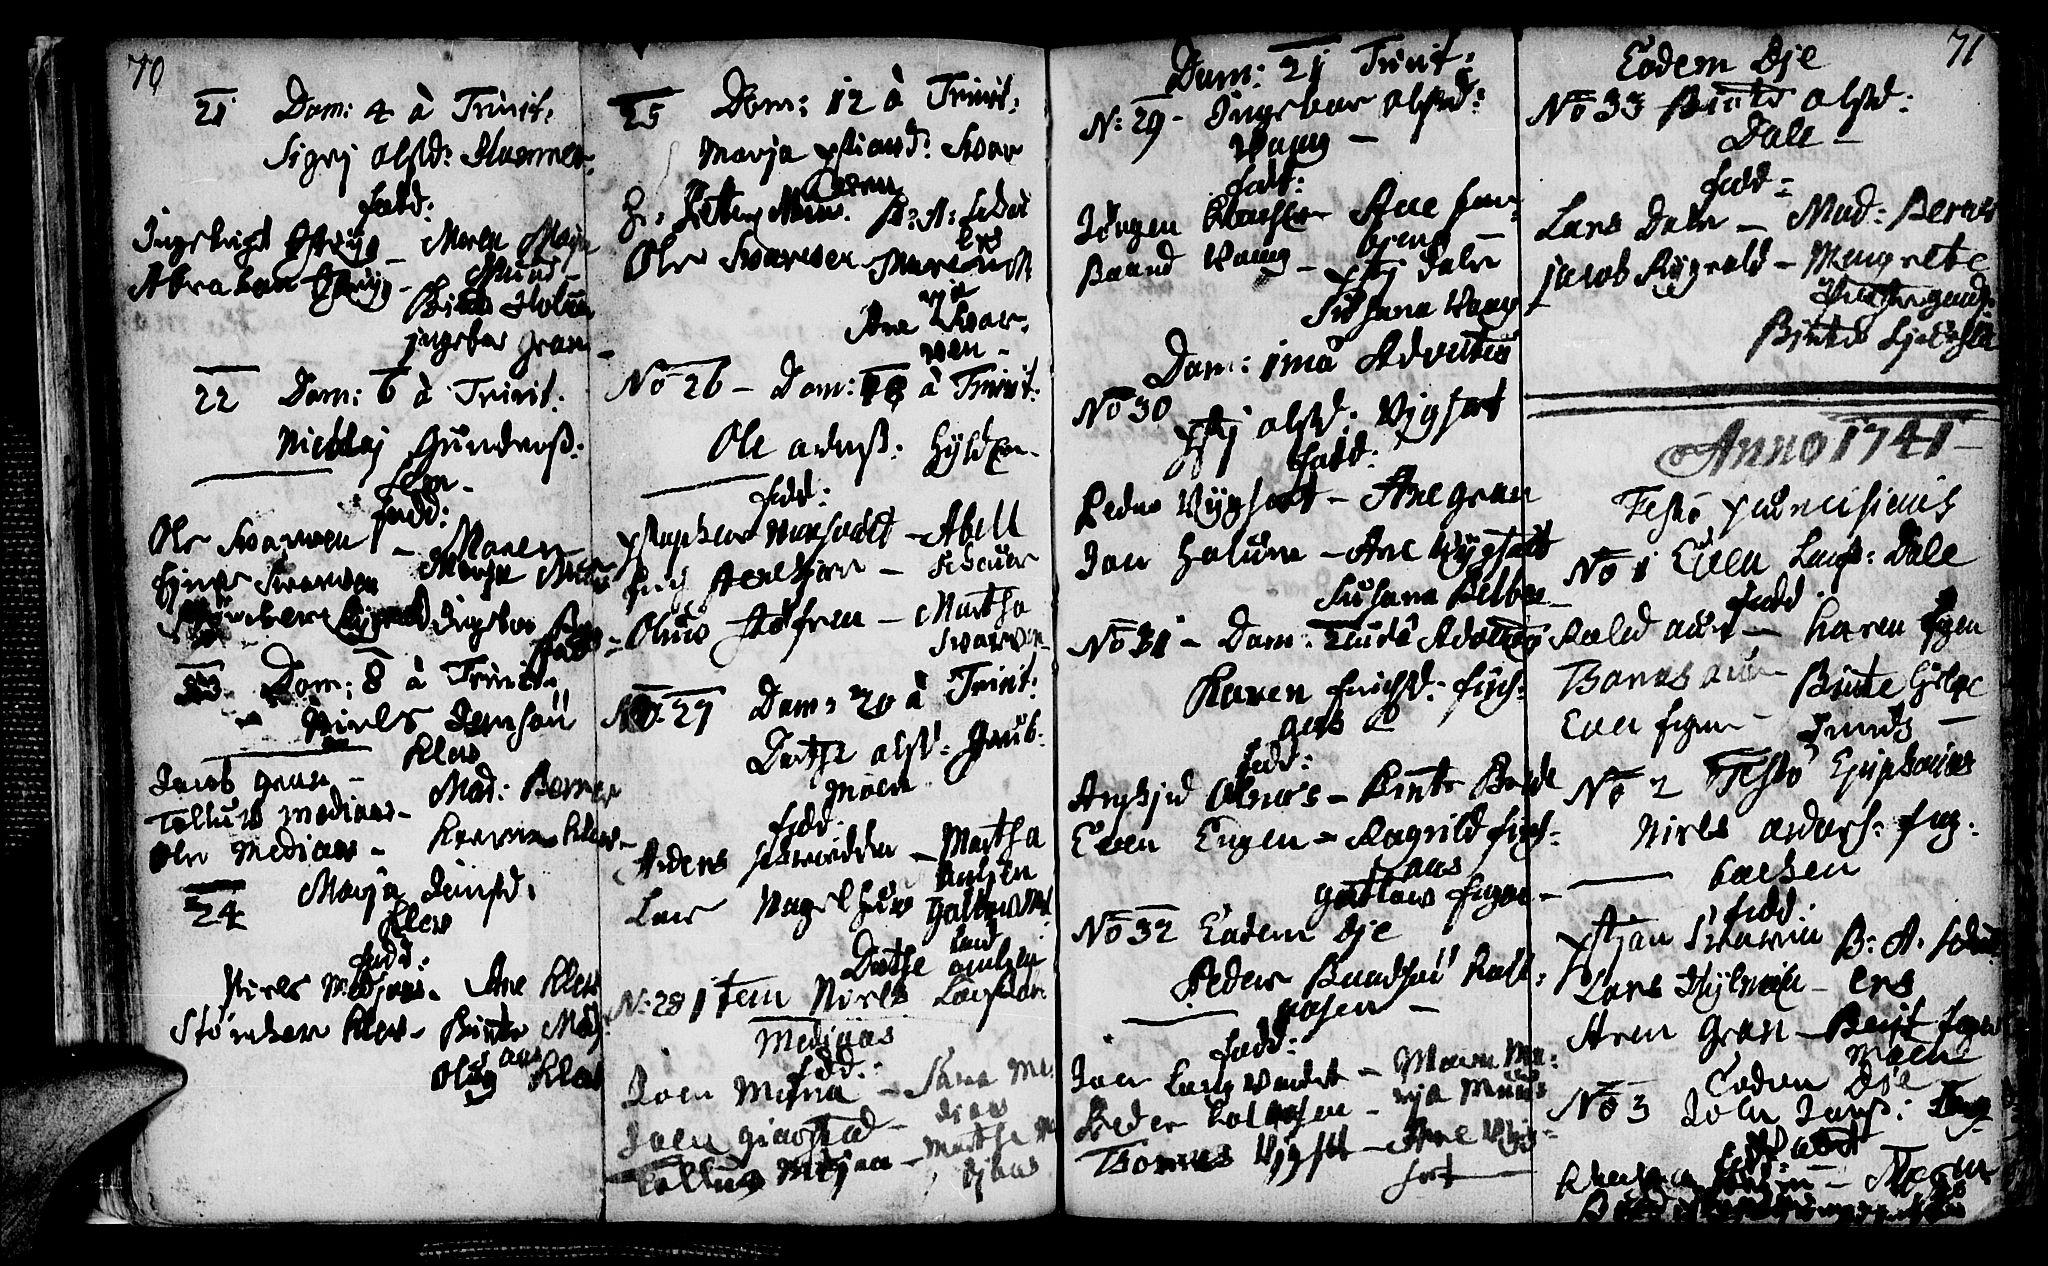 SAT, Ministerialprotokoller, klokkerbøker og fødselsregistre - Nord-Trøndelag, 749/L0467: Ministerialbok nr. 749A01, 1733-1787, s. 70-71